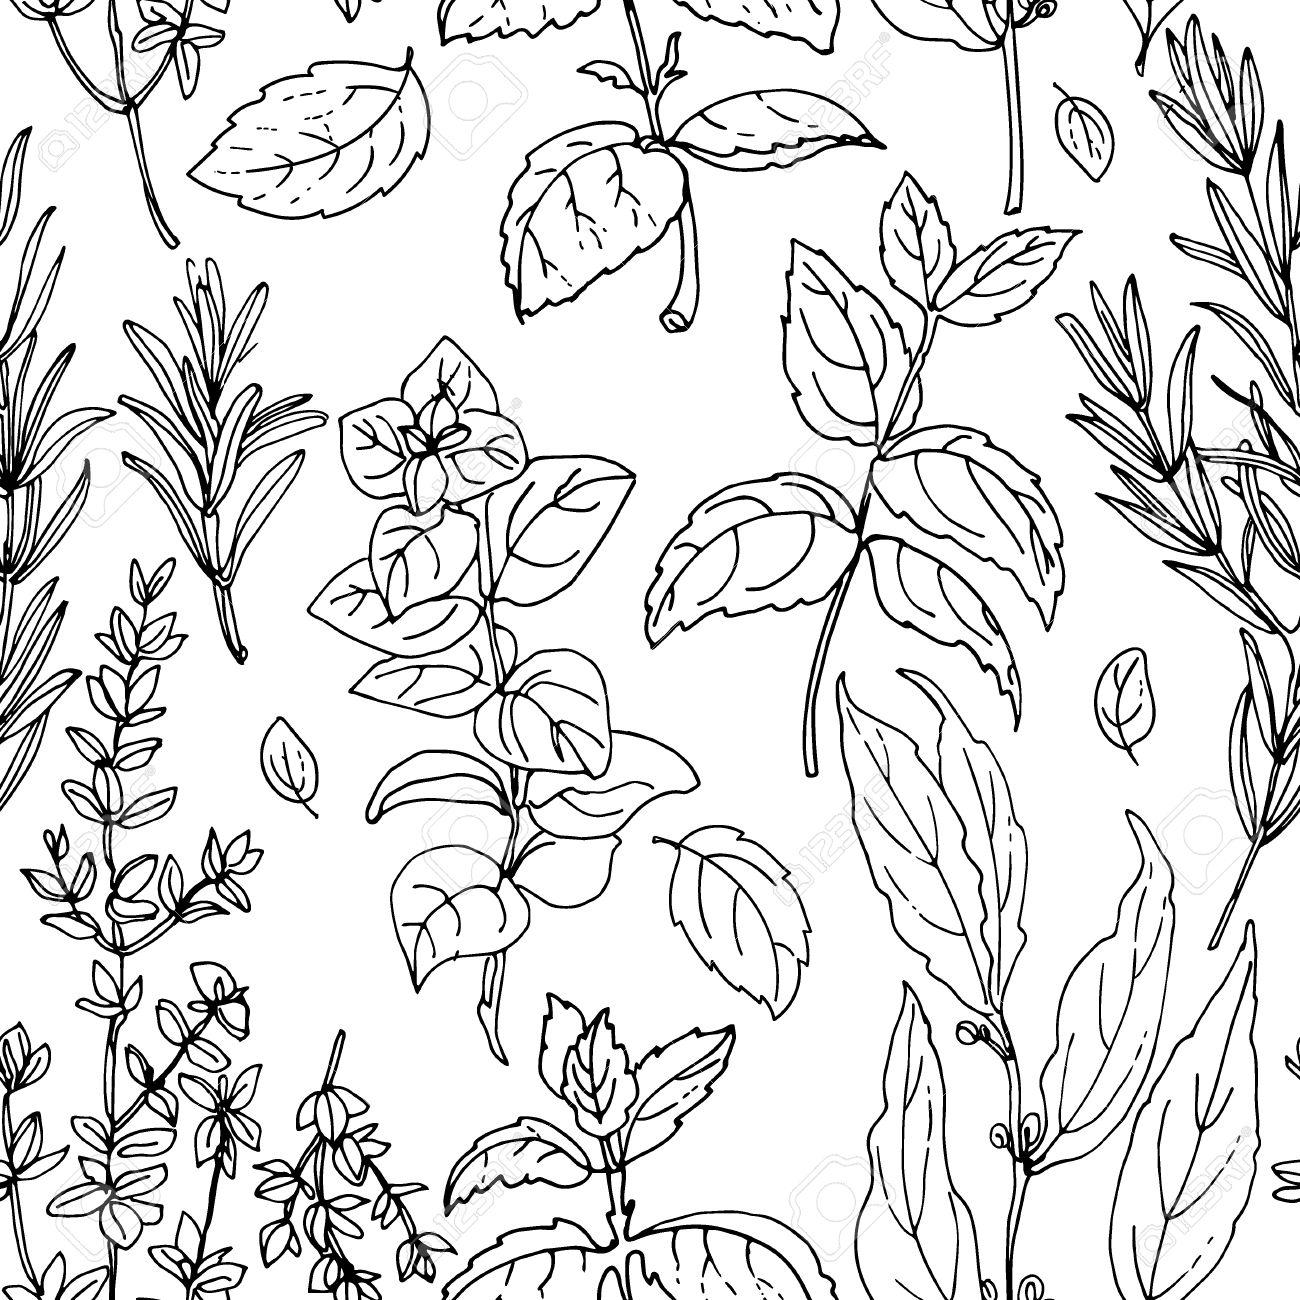 1300x1300 Drawn Herbs